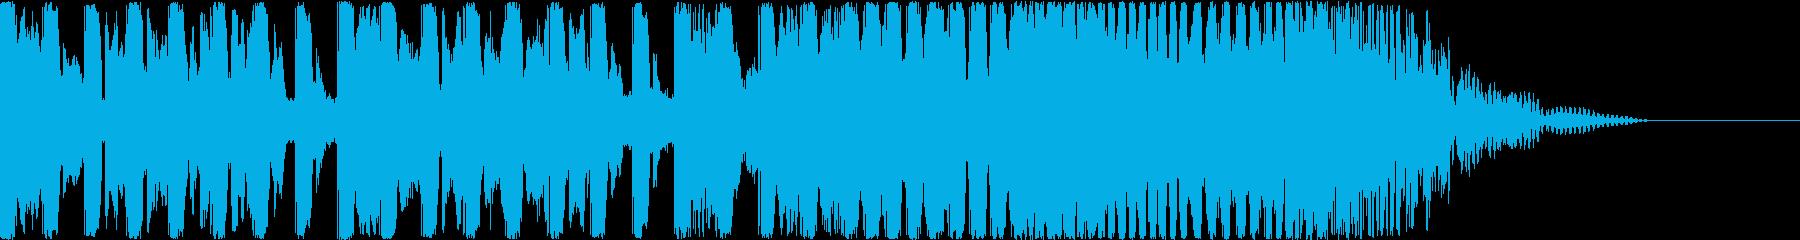 【爽やか】EDM風、夏やOPのBGM等の再生済みの波形